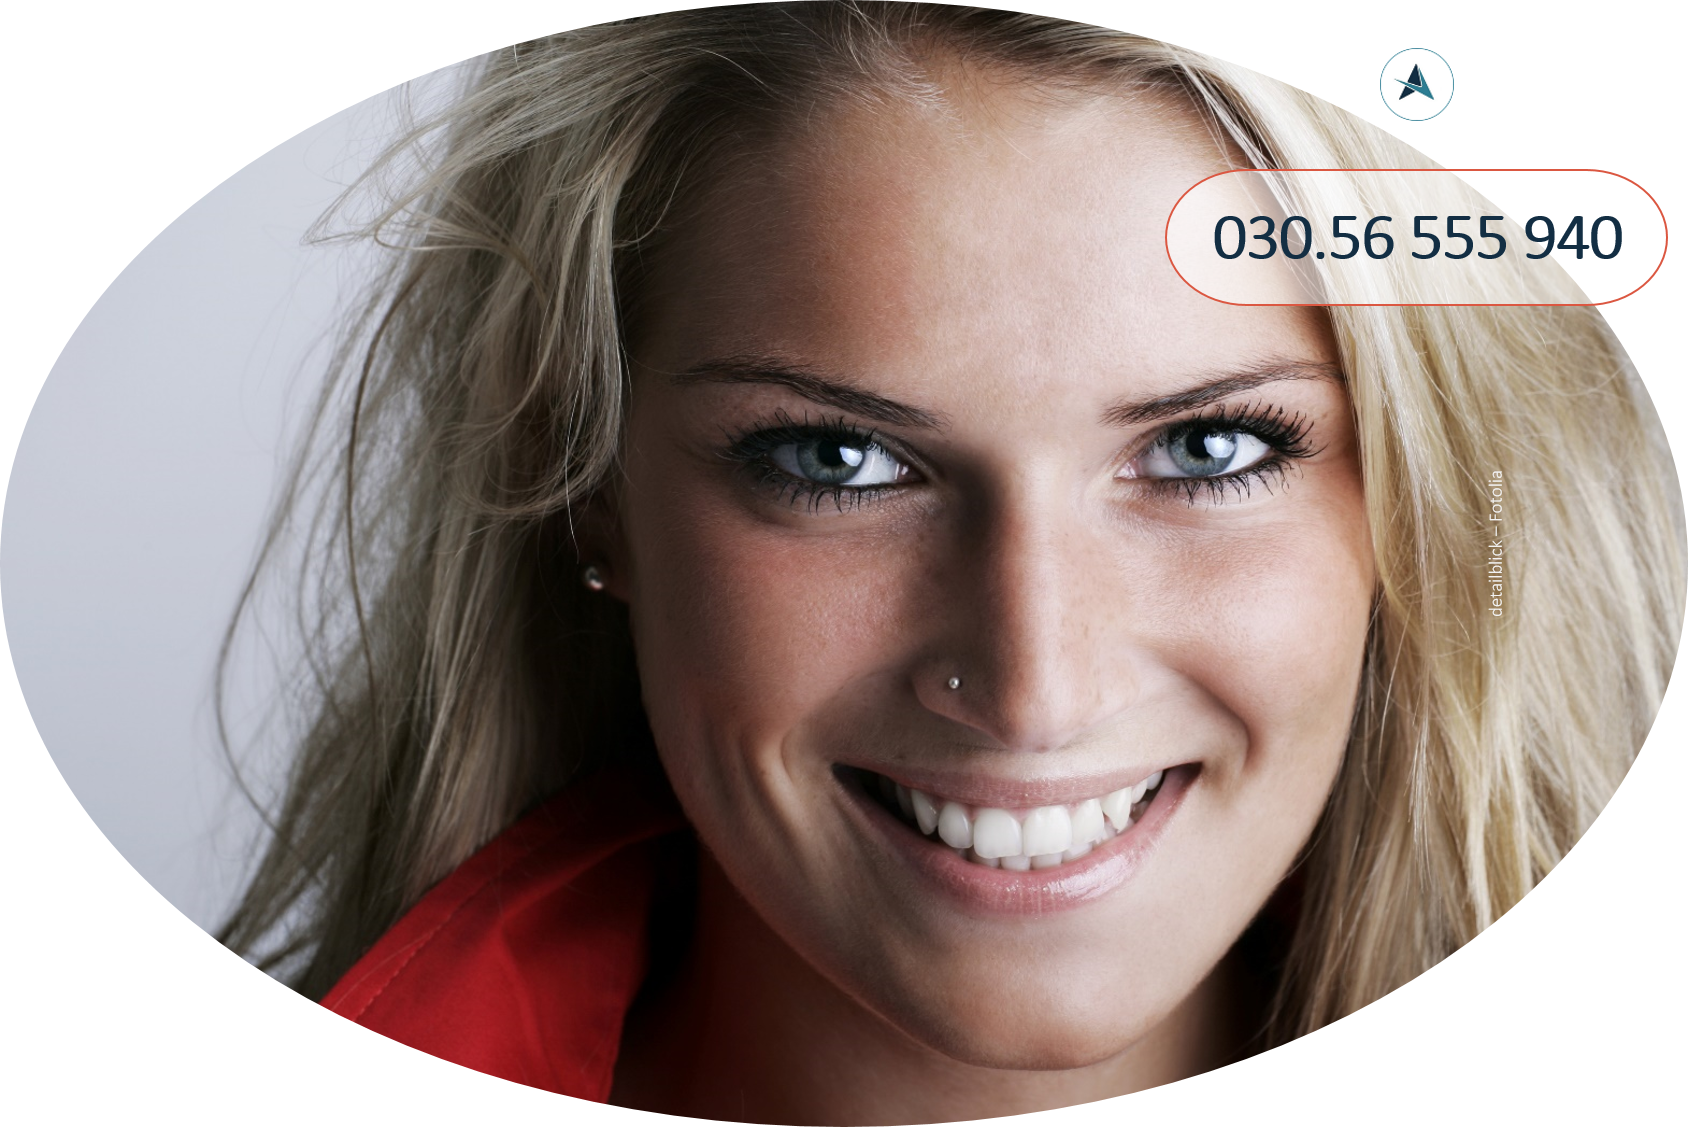 AGENTIN ⭐ Versicherungsmakler Berlin ⭐ André Böttcher ✓ ✆ 030.56 555 940 ✓